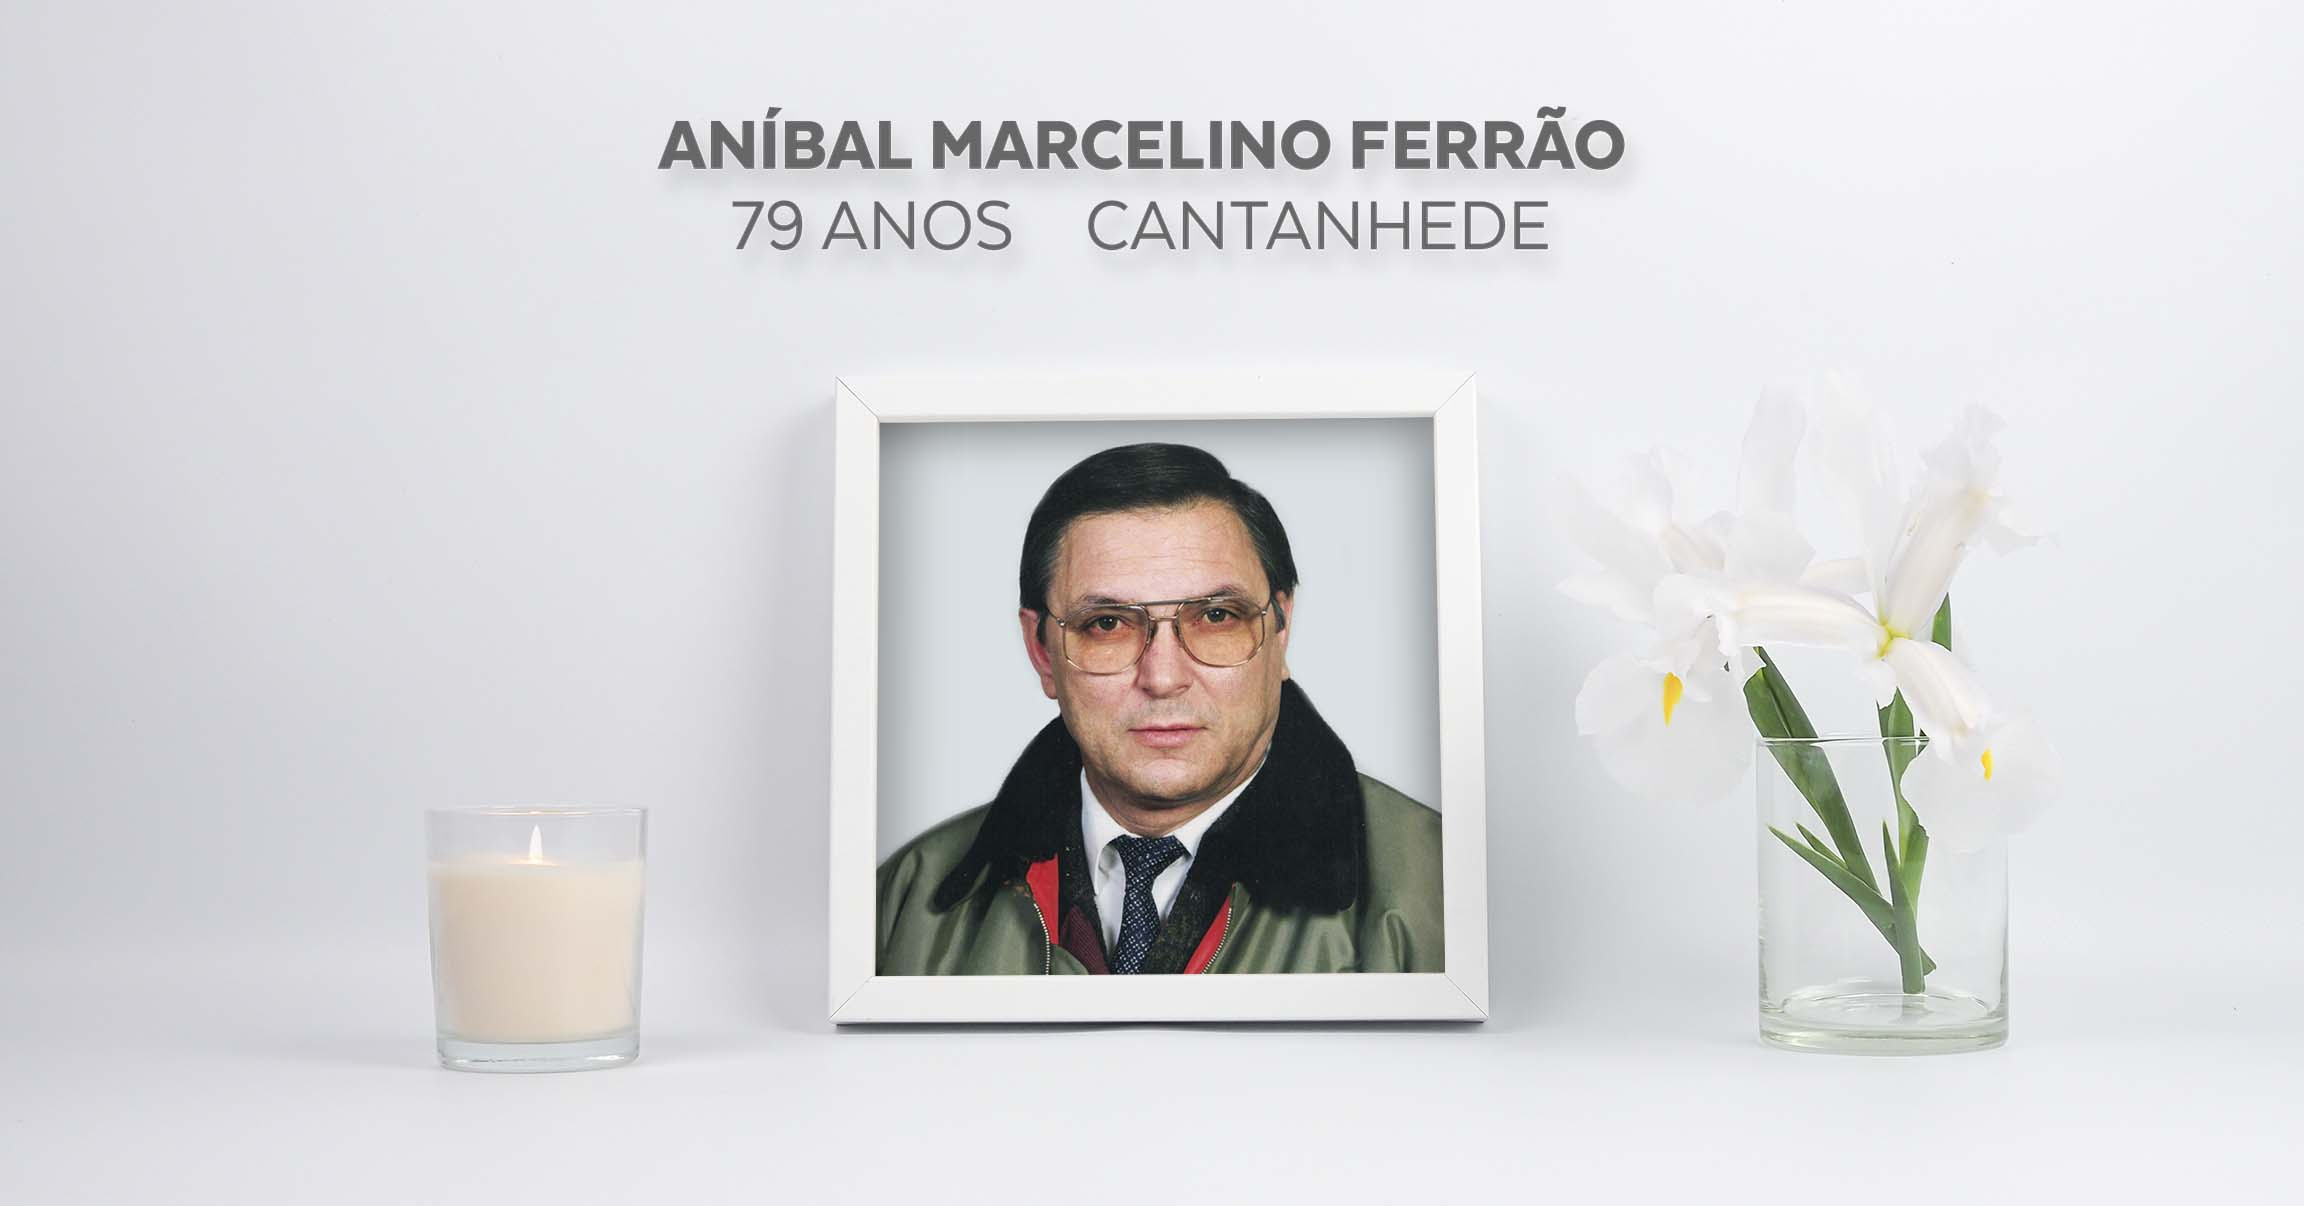 Aníbal Marcelino Ferrão